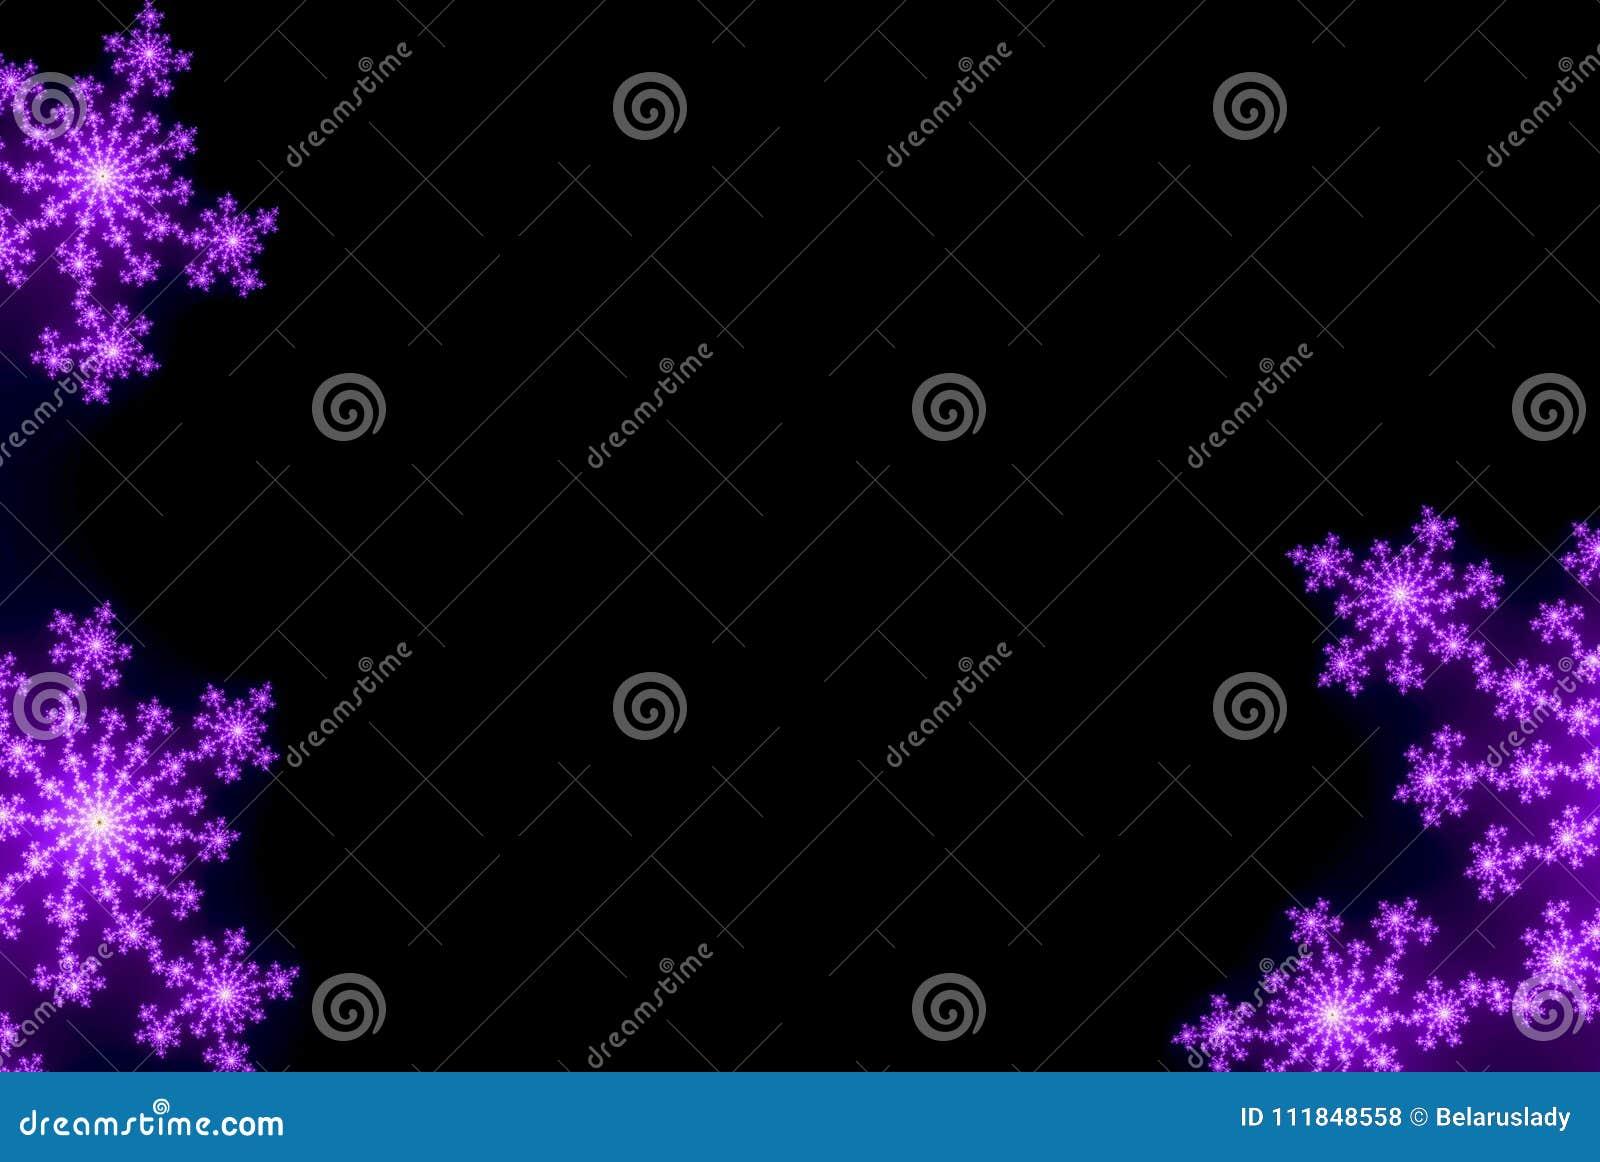 Fondo Negro Con Los Copos De Nieve Las Flores O Las